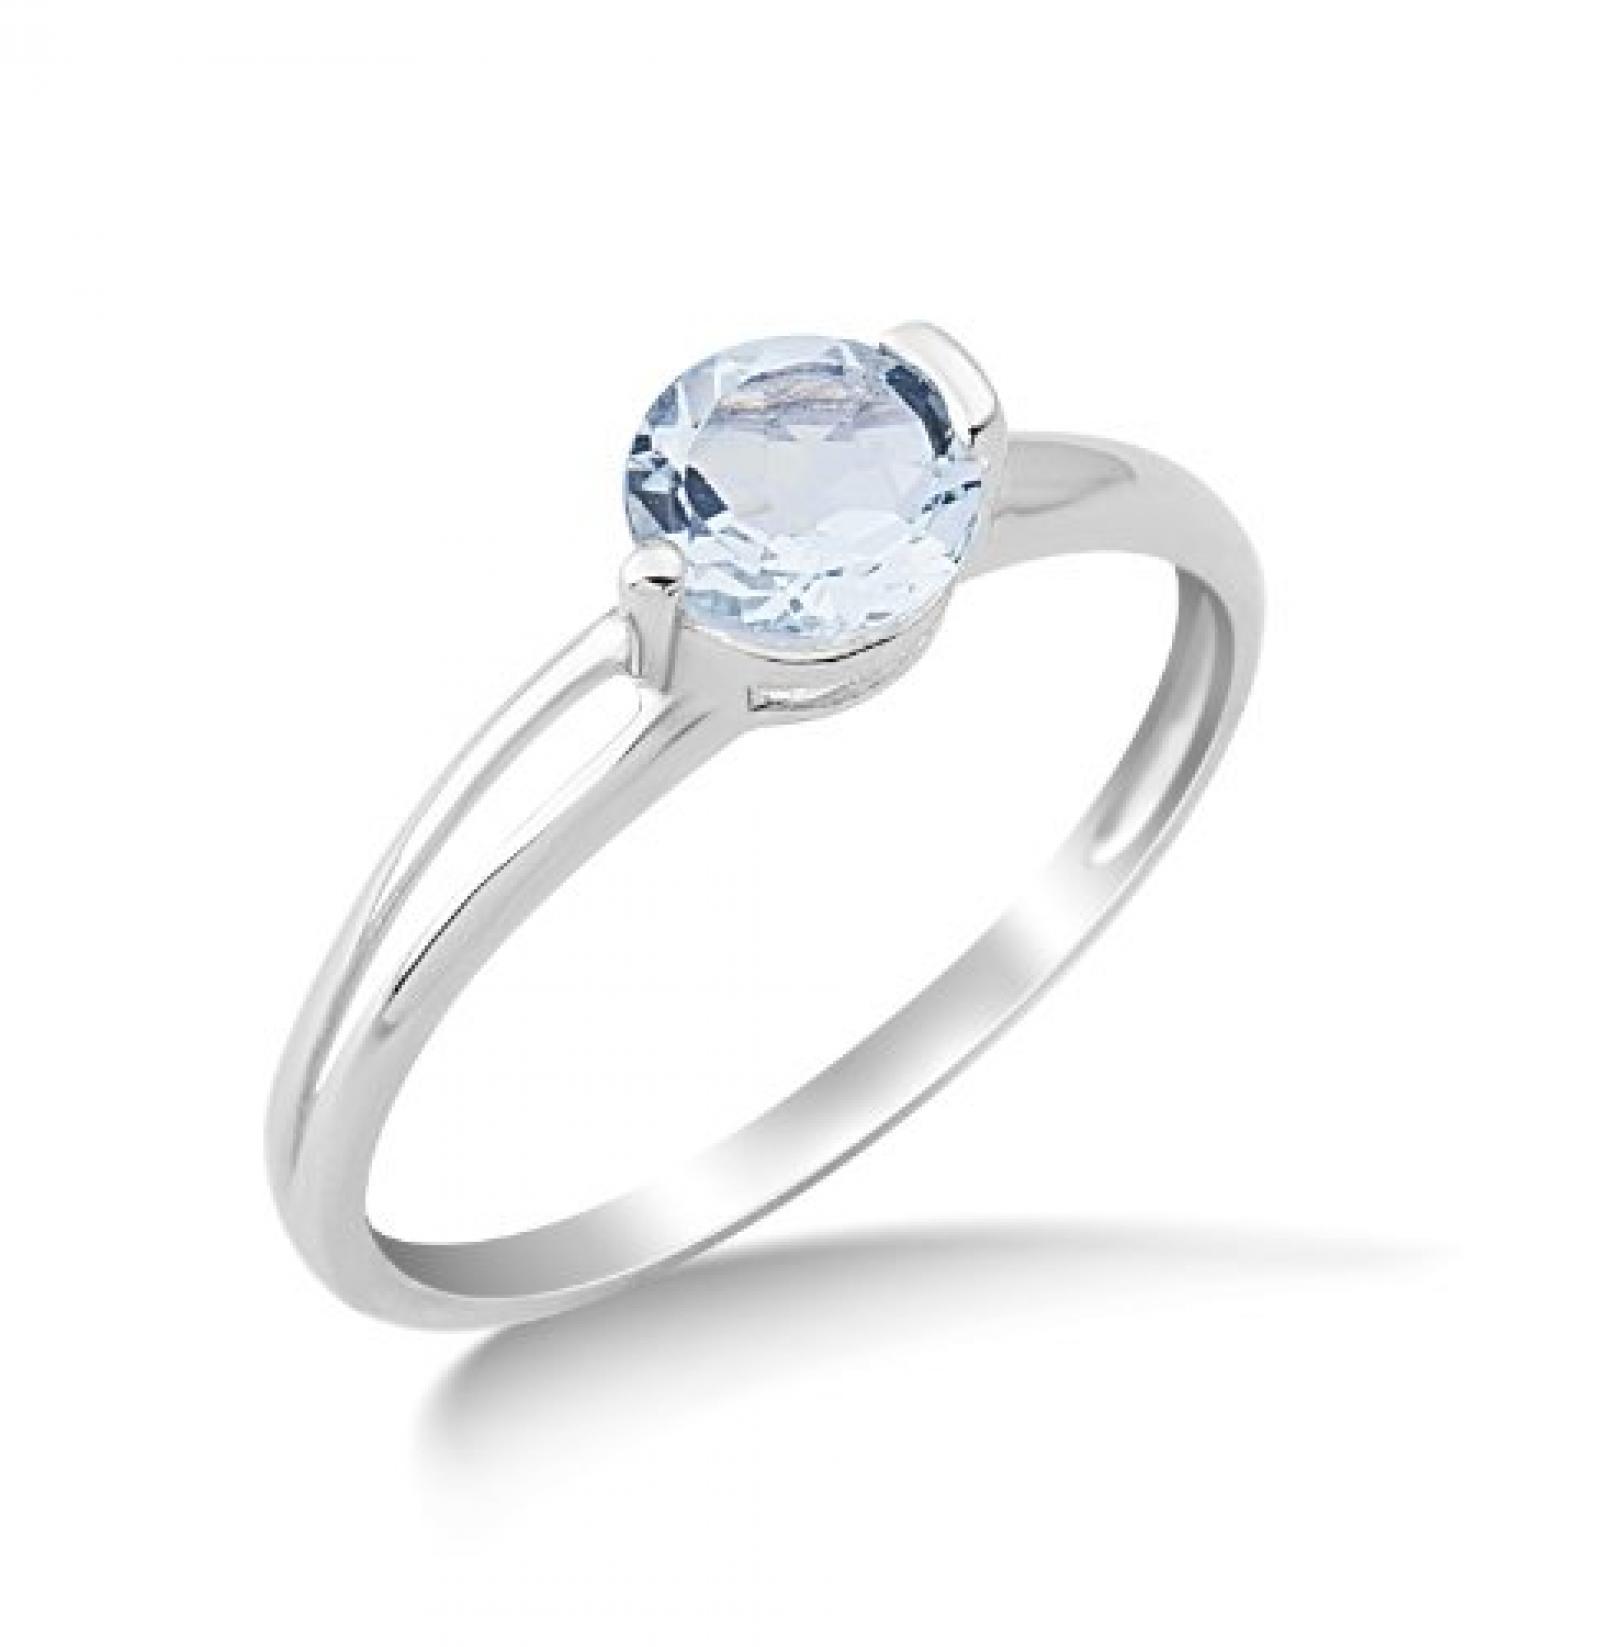 Miore Damen-Ring mit Aquamarin 9 Karat 375 Weißgold Gr. 54 (17.2) MG9087R4